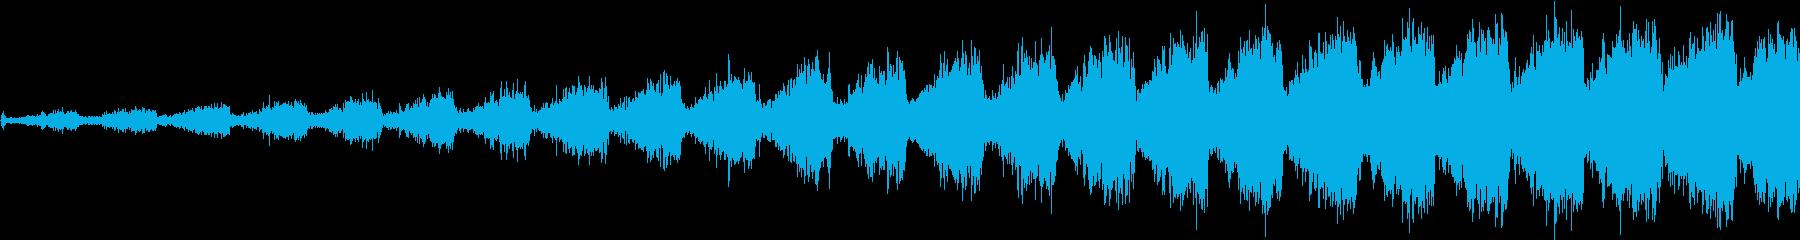 【RISER】シュシュシュシューッ!!の再生済みの波形